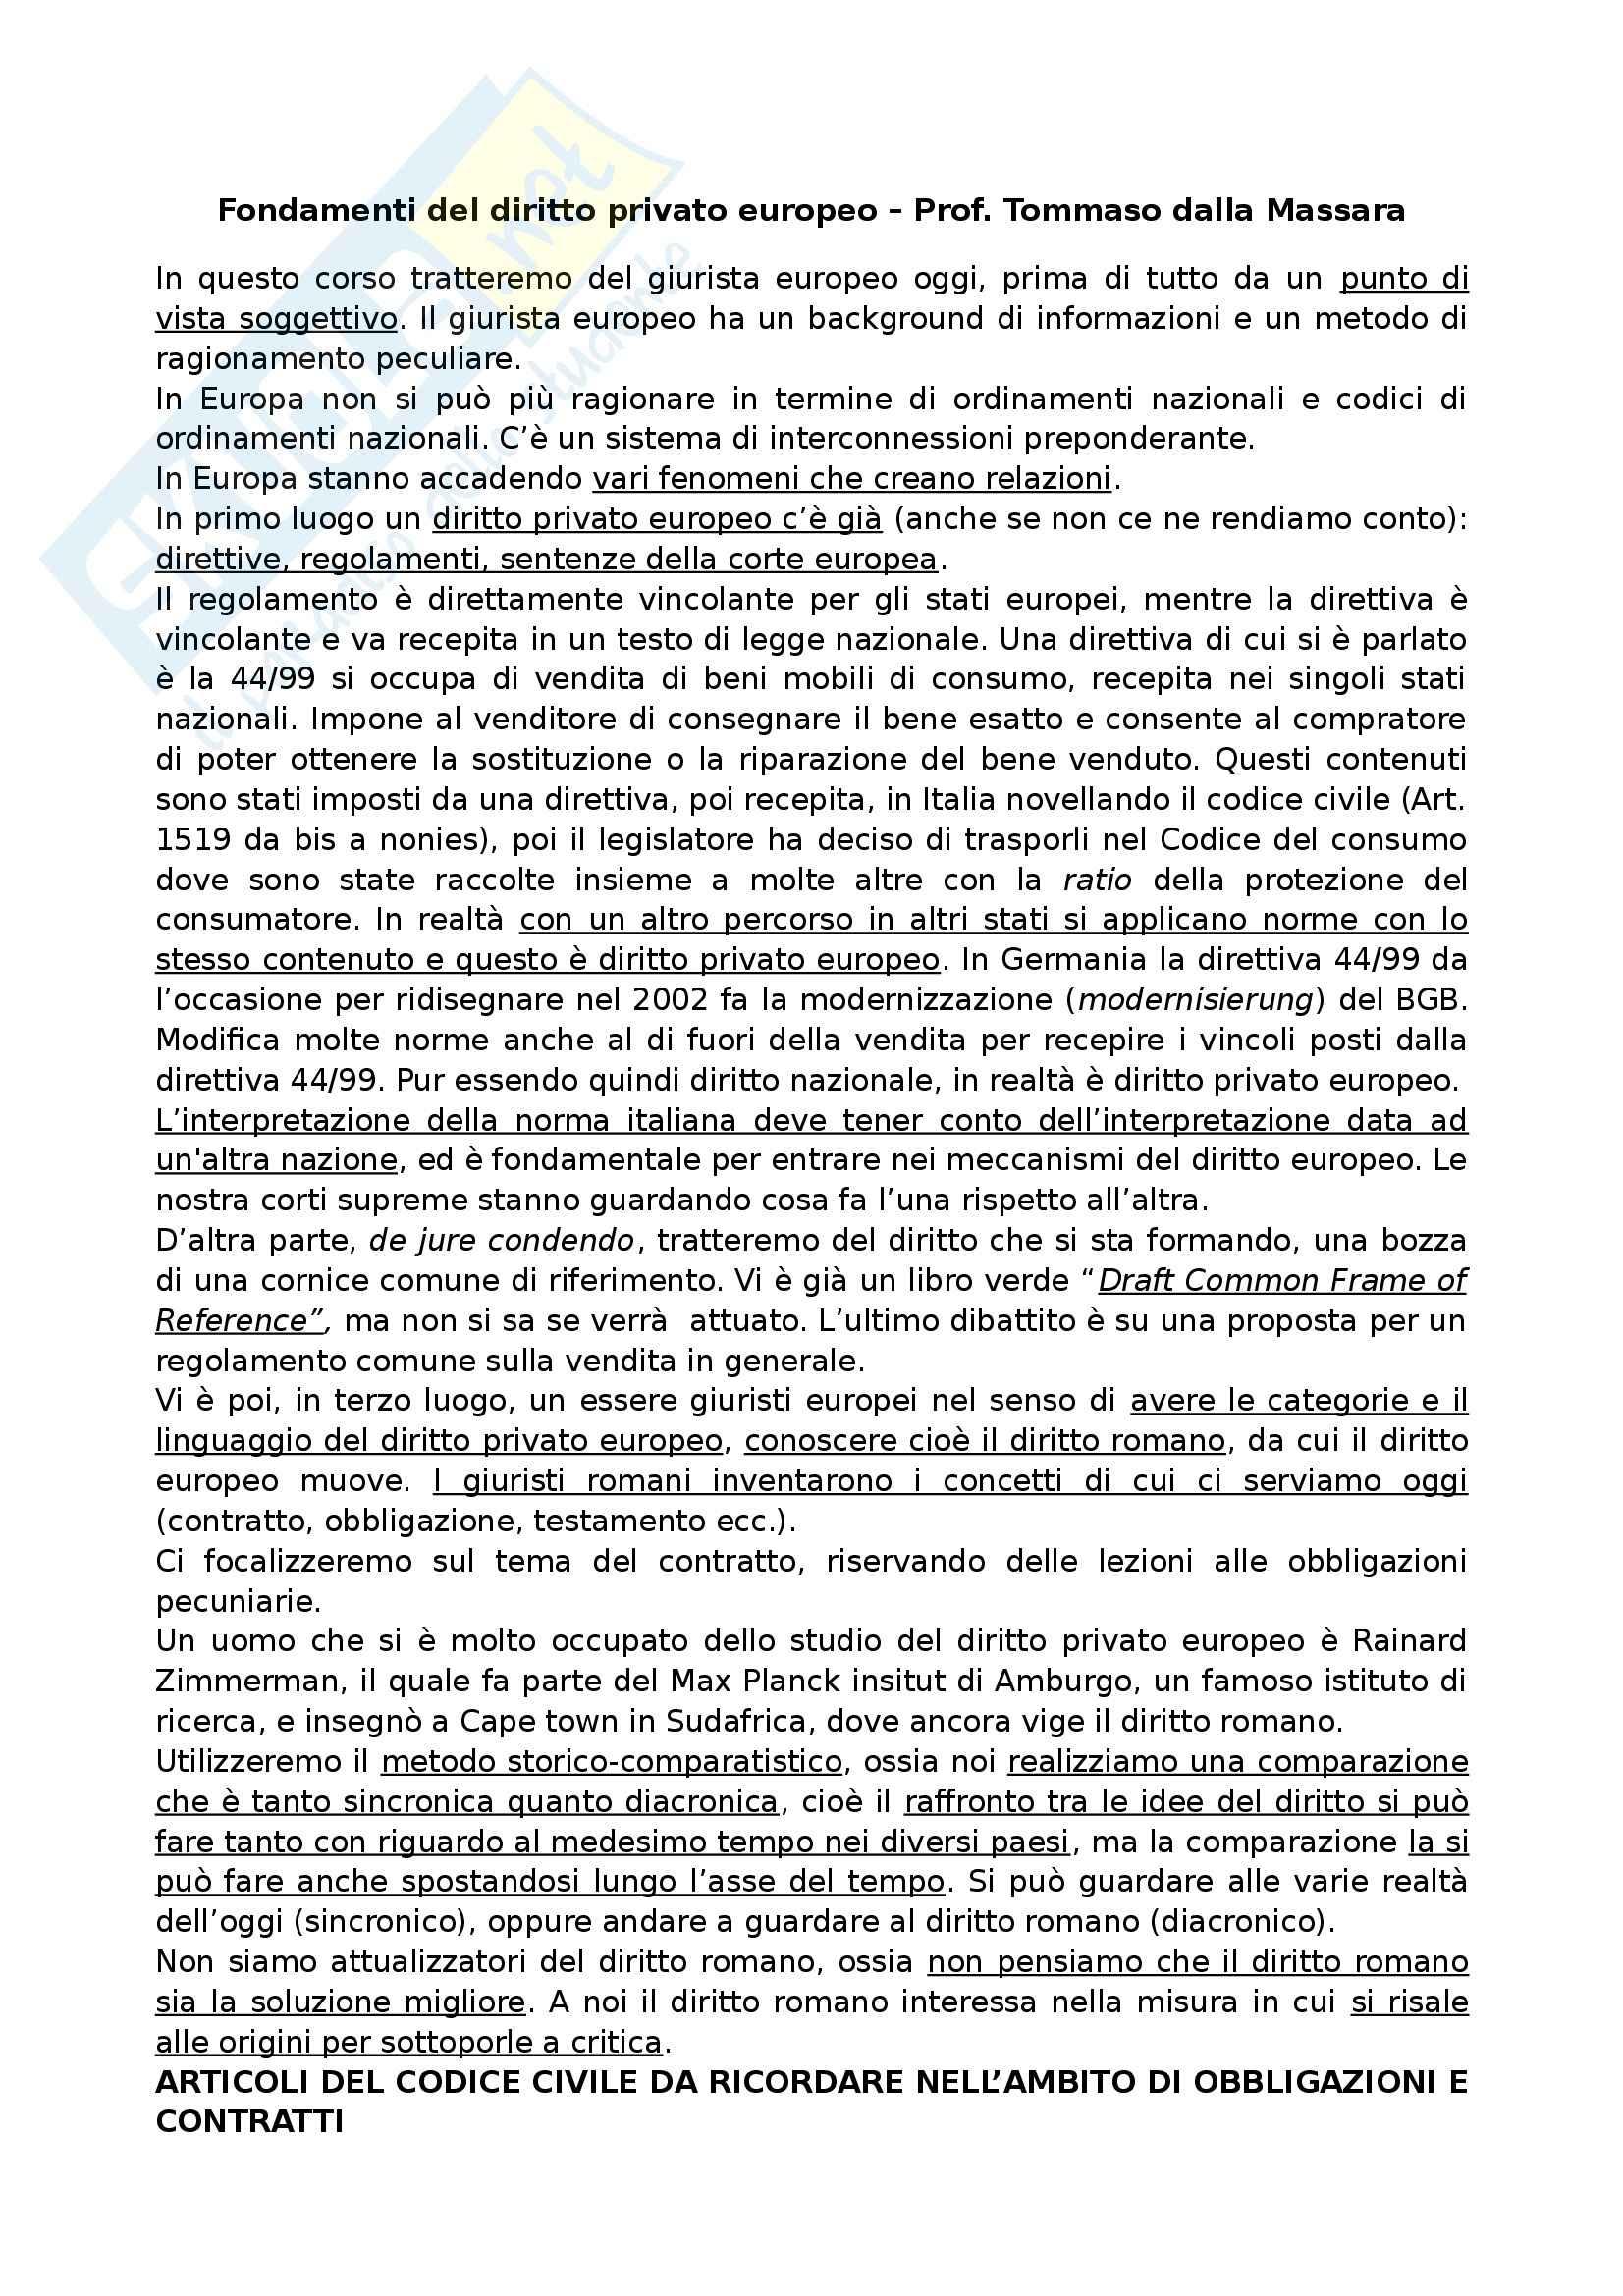 Fondamenti del diritto privato europeo - Appunti